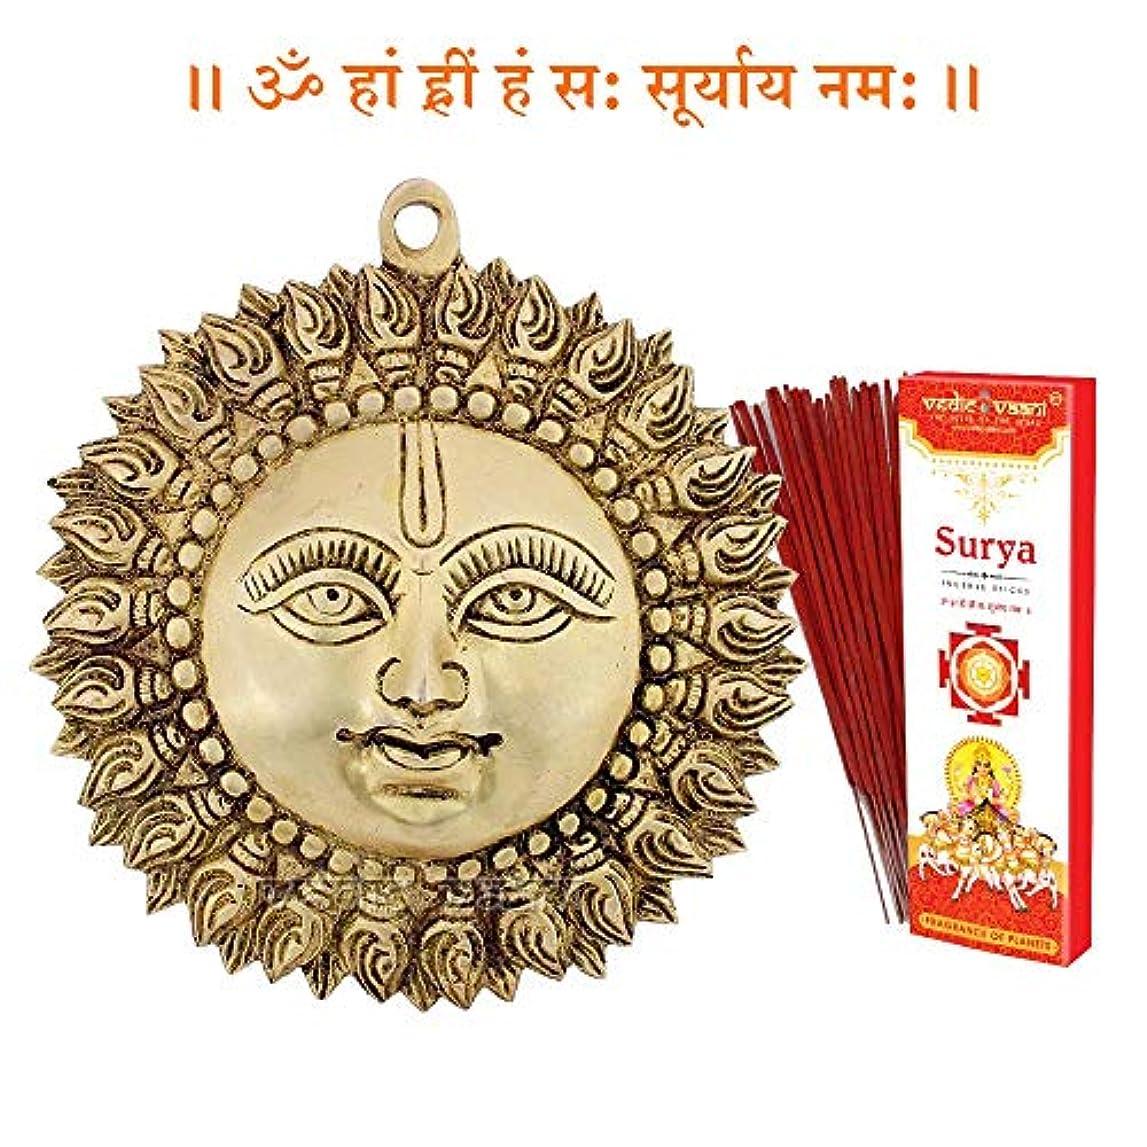 プラグ行政おもてなしVedic Vaani Lord Surya Dev (Sun) 壁掛け Surya お香スティック付き